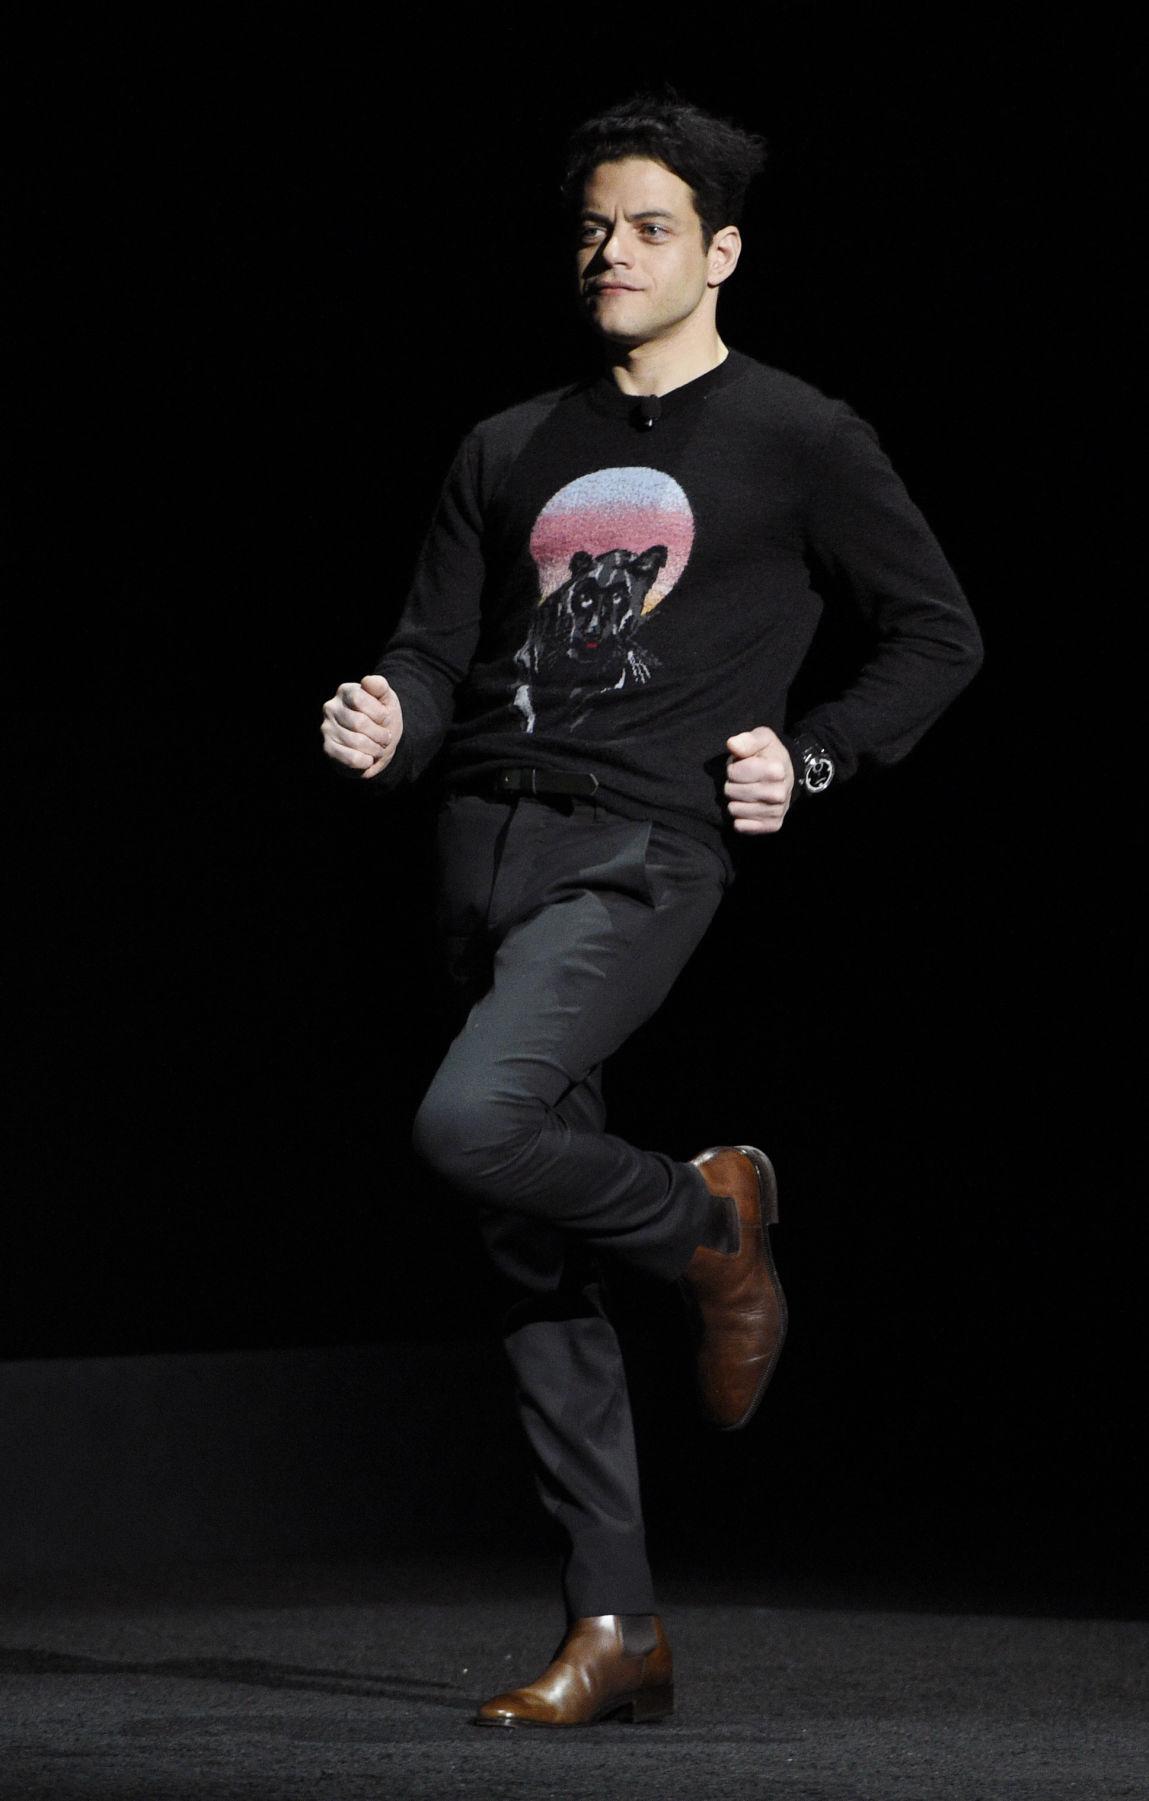 Rami Malek w kwietniu 2018 r. na CinemaCon - foto Star Herald